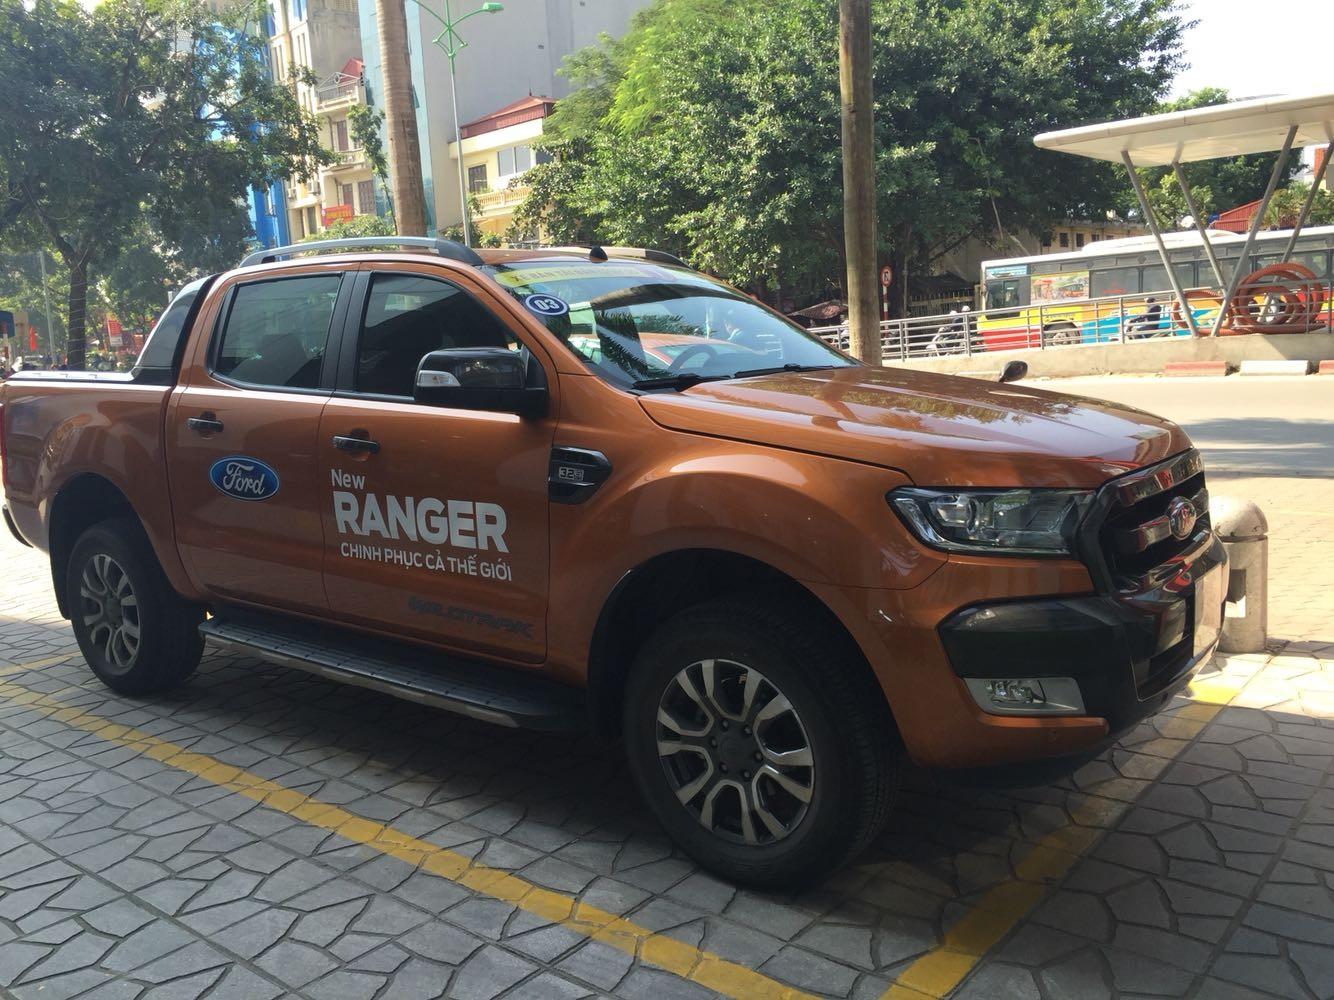 Ford Ranger 2017 giá tốt nhất Hà Nội, Ford Bán Tải, Ford Ranger, Ranger XLS, Ranger Wiltrak 3.2, Ranger XLT, Ranger XL . Ảnh số 38446544